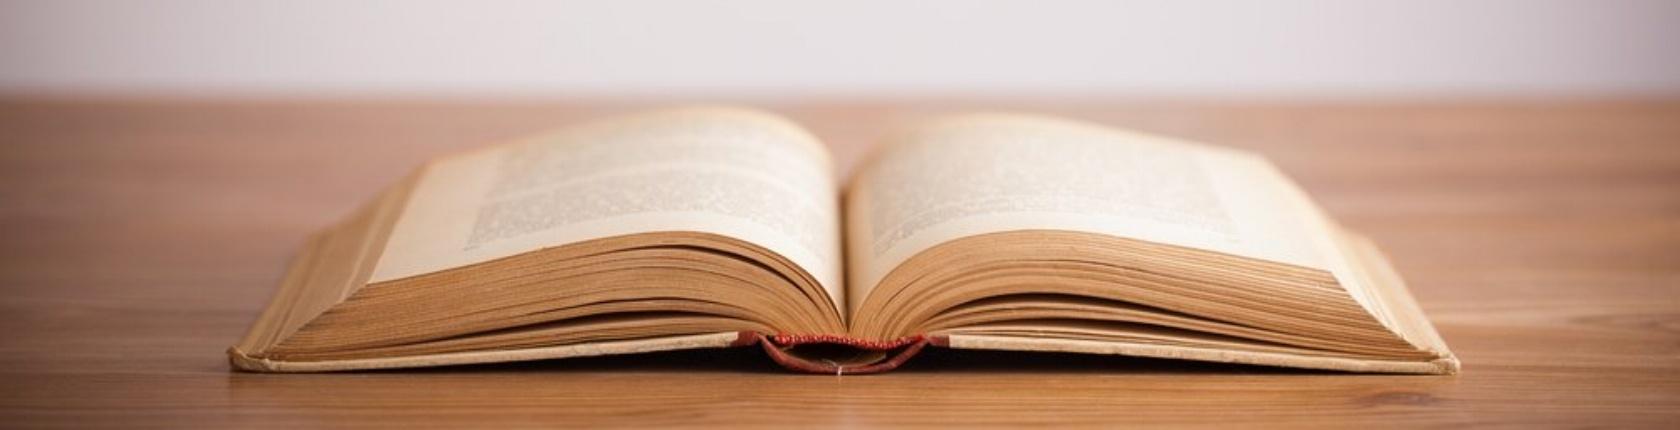 open book-715410-edited.jpeg